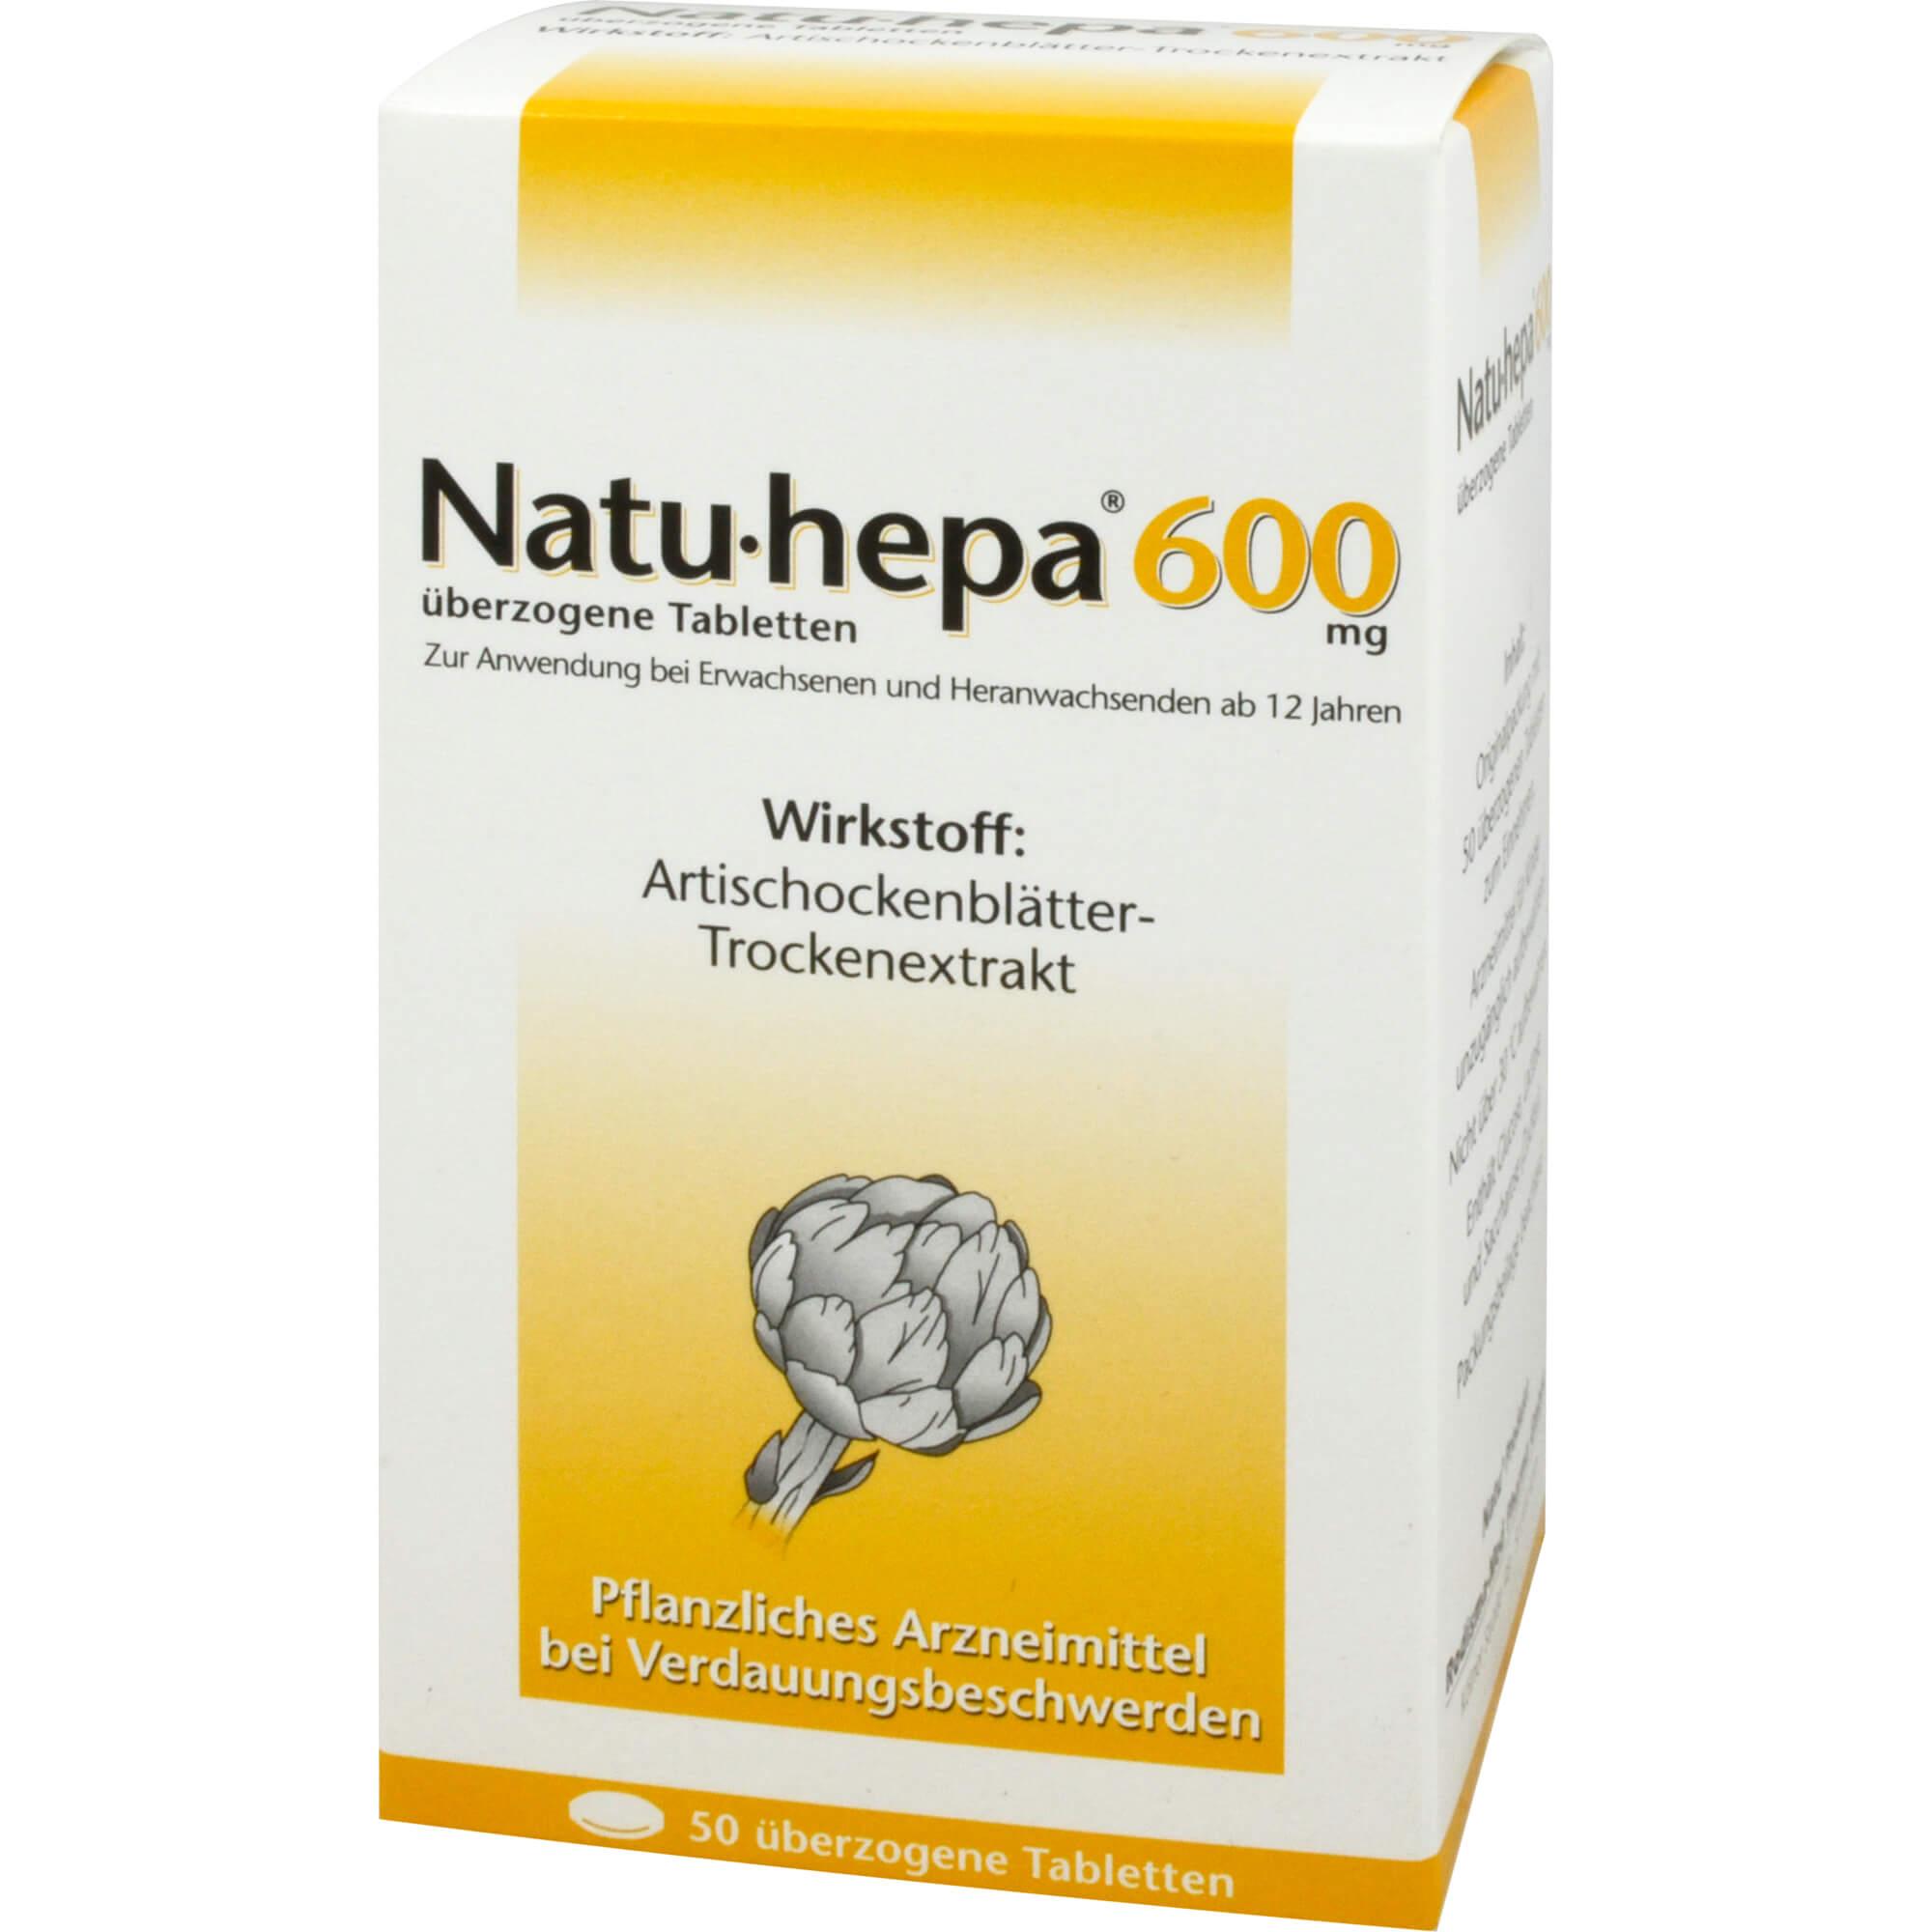 NATU HEPA 600MG UEBERZ TAB